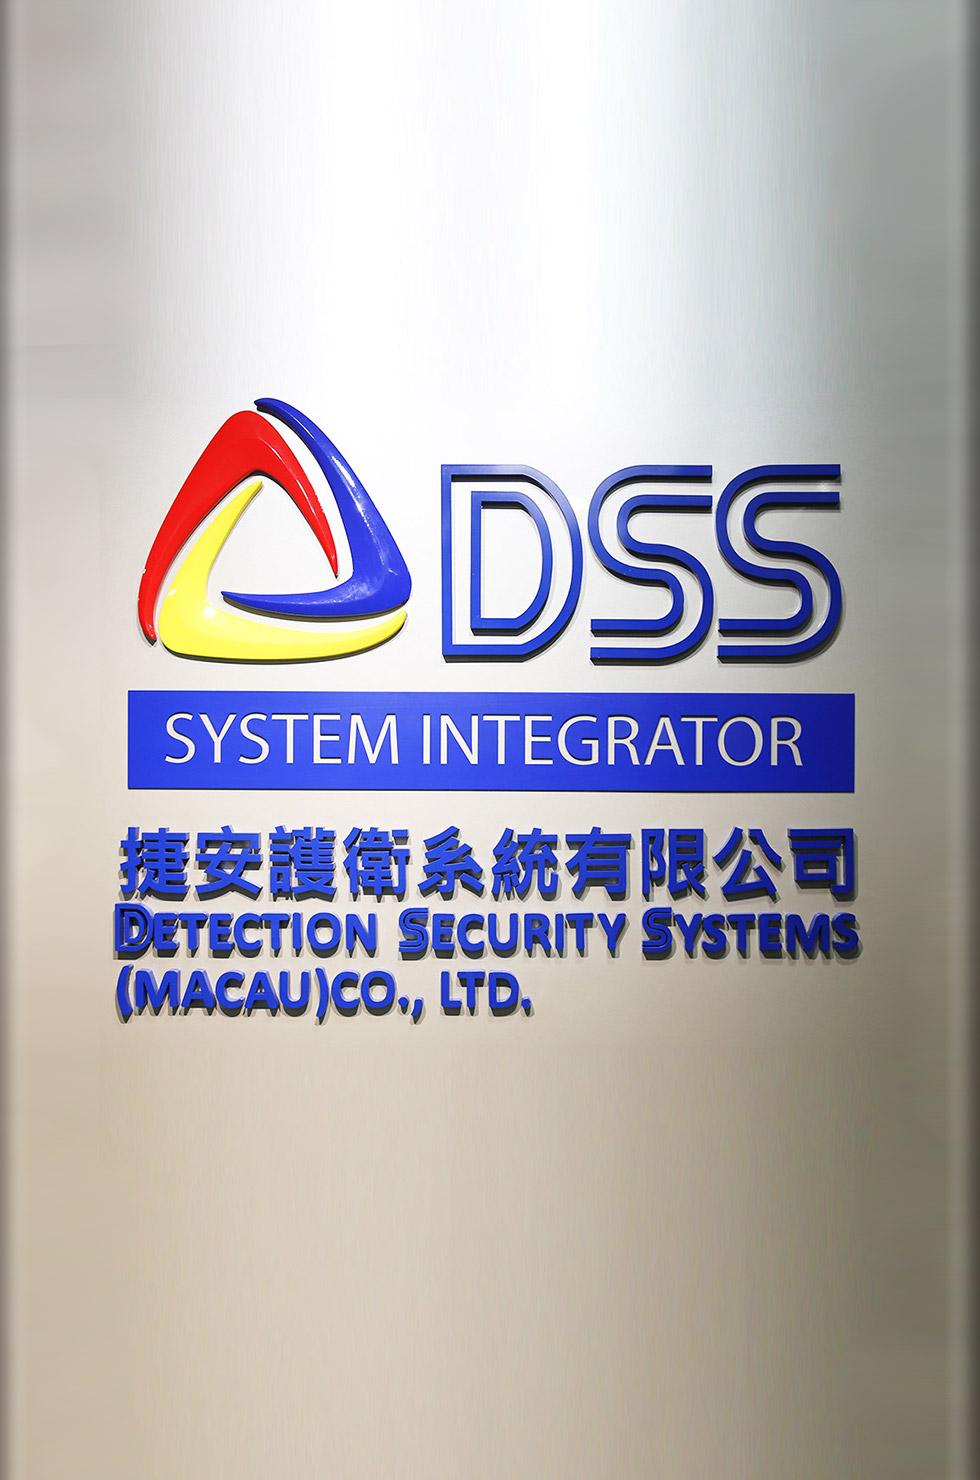 捷安護衛系統有限公司